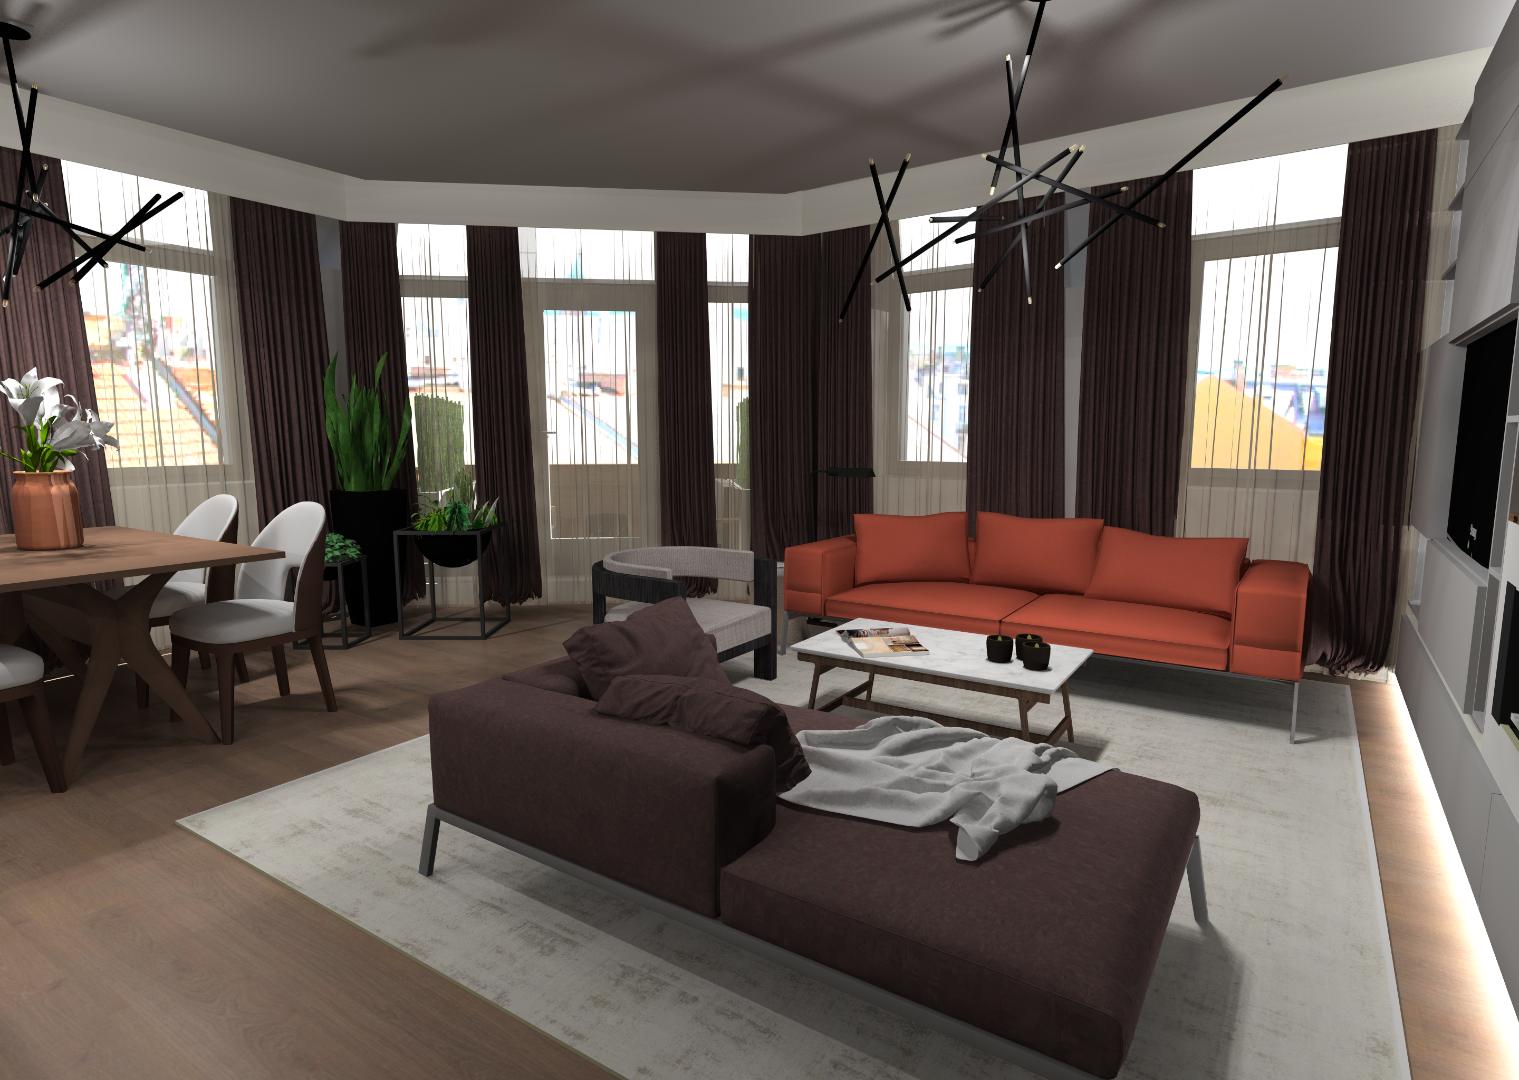 Miért jó egy belvárosi, főleg tetőtéri lakás?